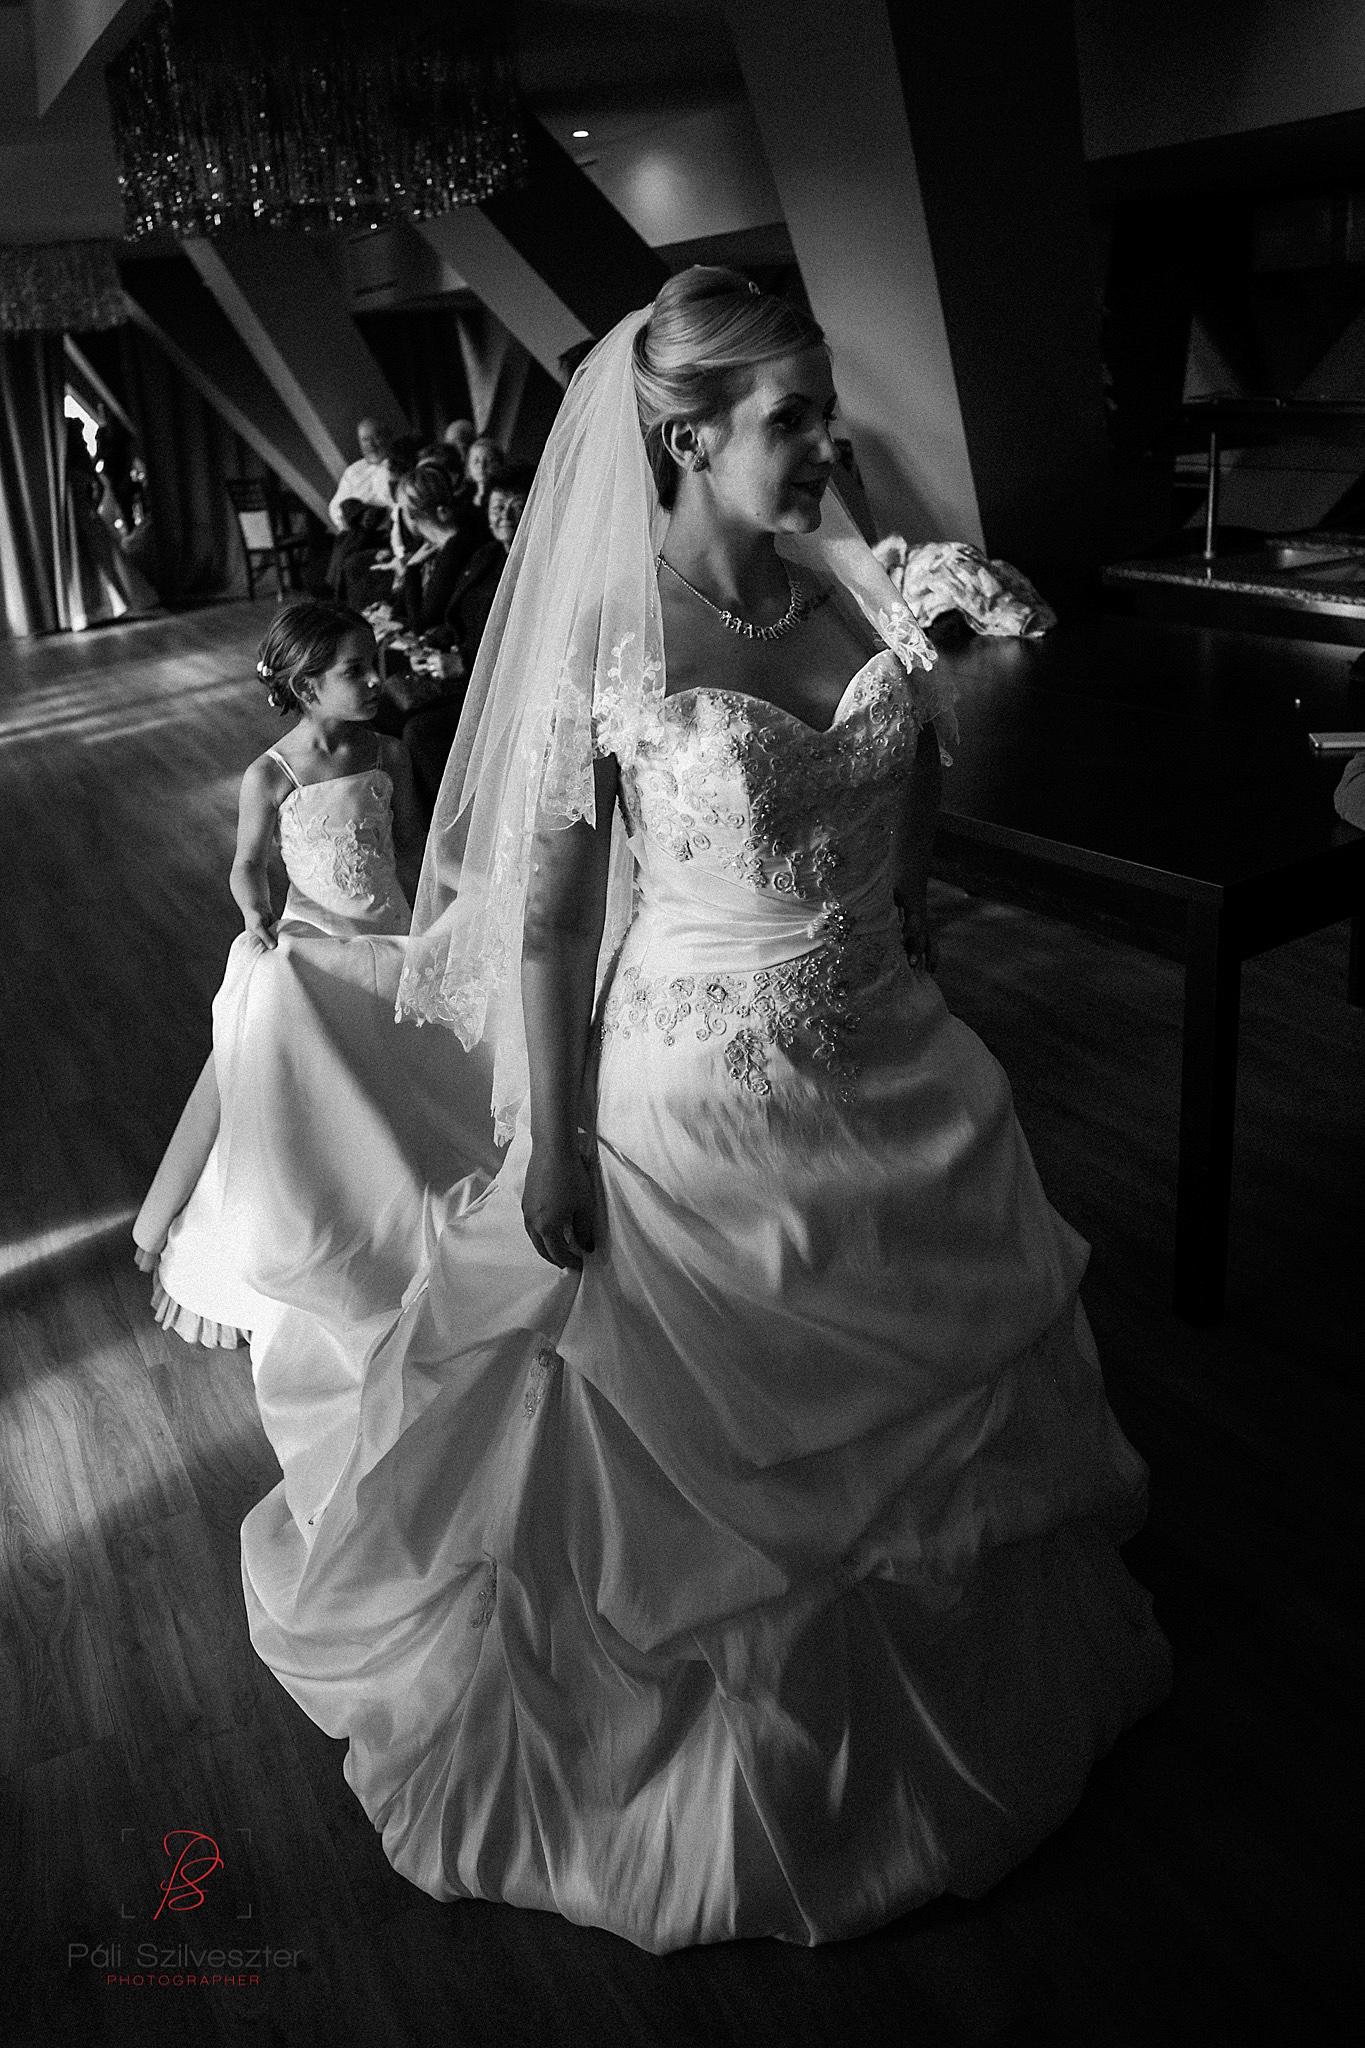 Páli-Szilveszter-székesfehérvári-esküvői-fotós-siófok-2016-02-28-1818.jpg